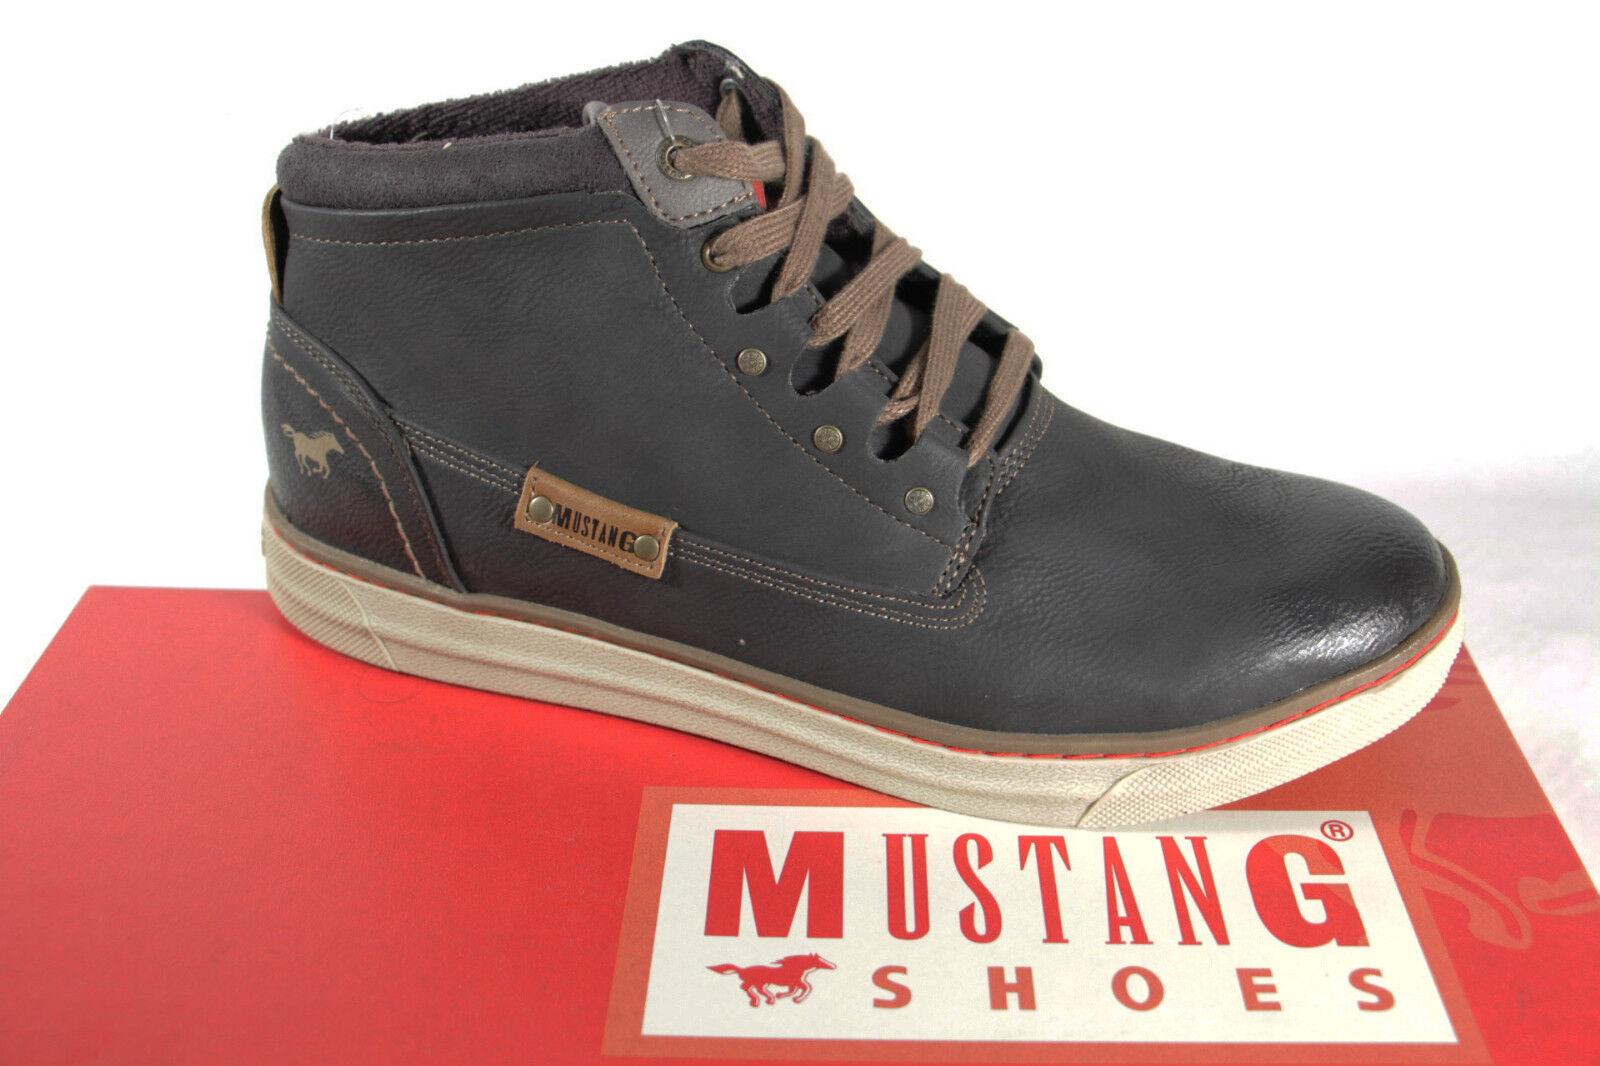 Mustang Stiefel Stiefel Schnürstiefel grau Stofffutter Wechselfußbett 4068 NEU